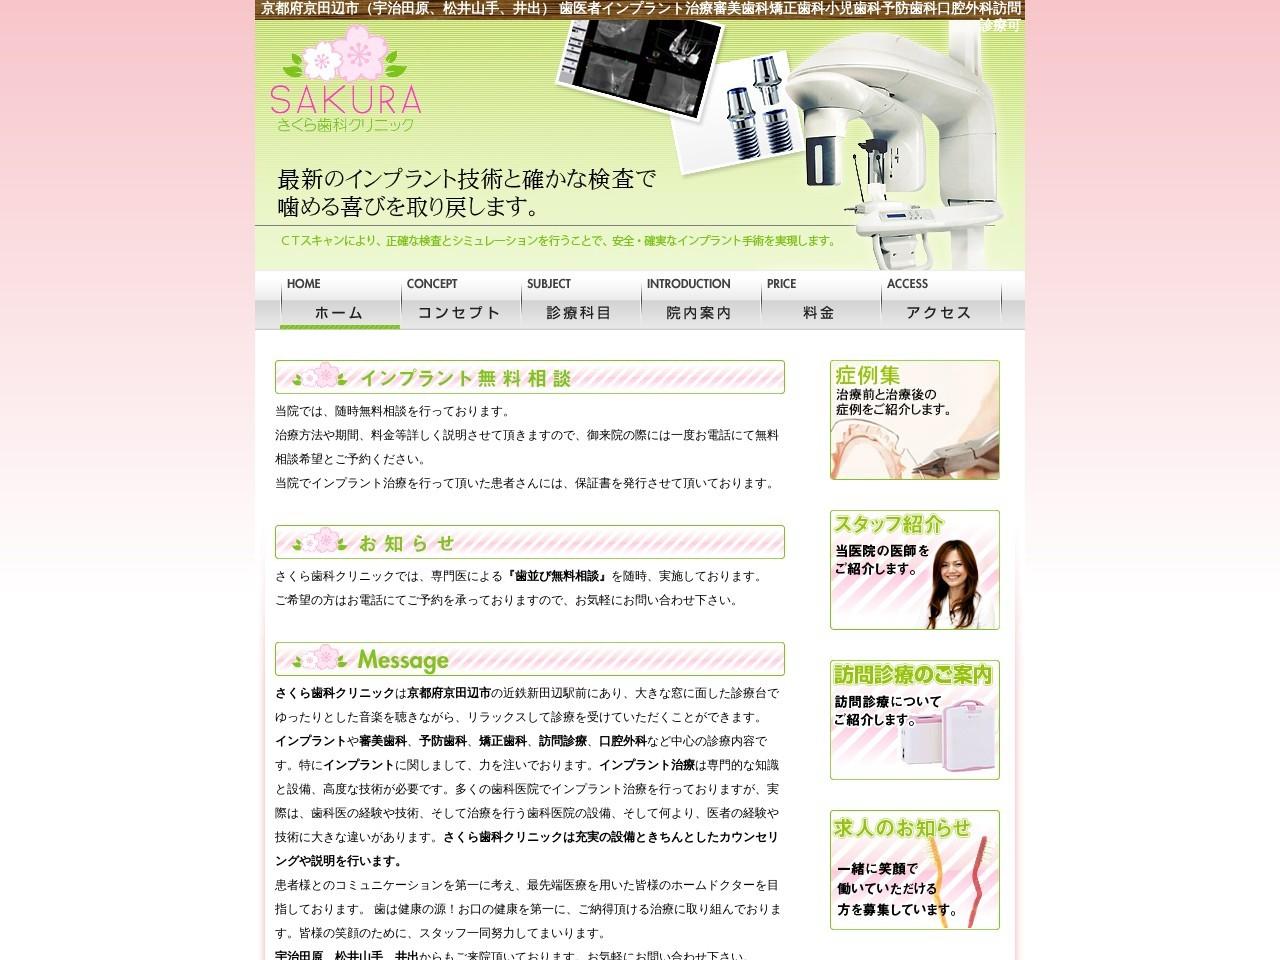 さくら歯科クリニック (京都府京田辺市)